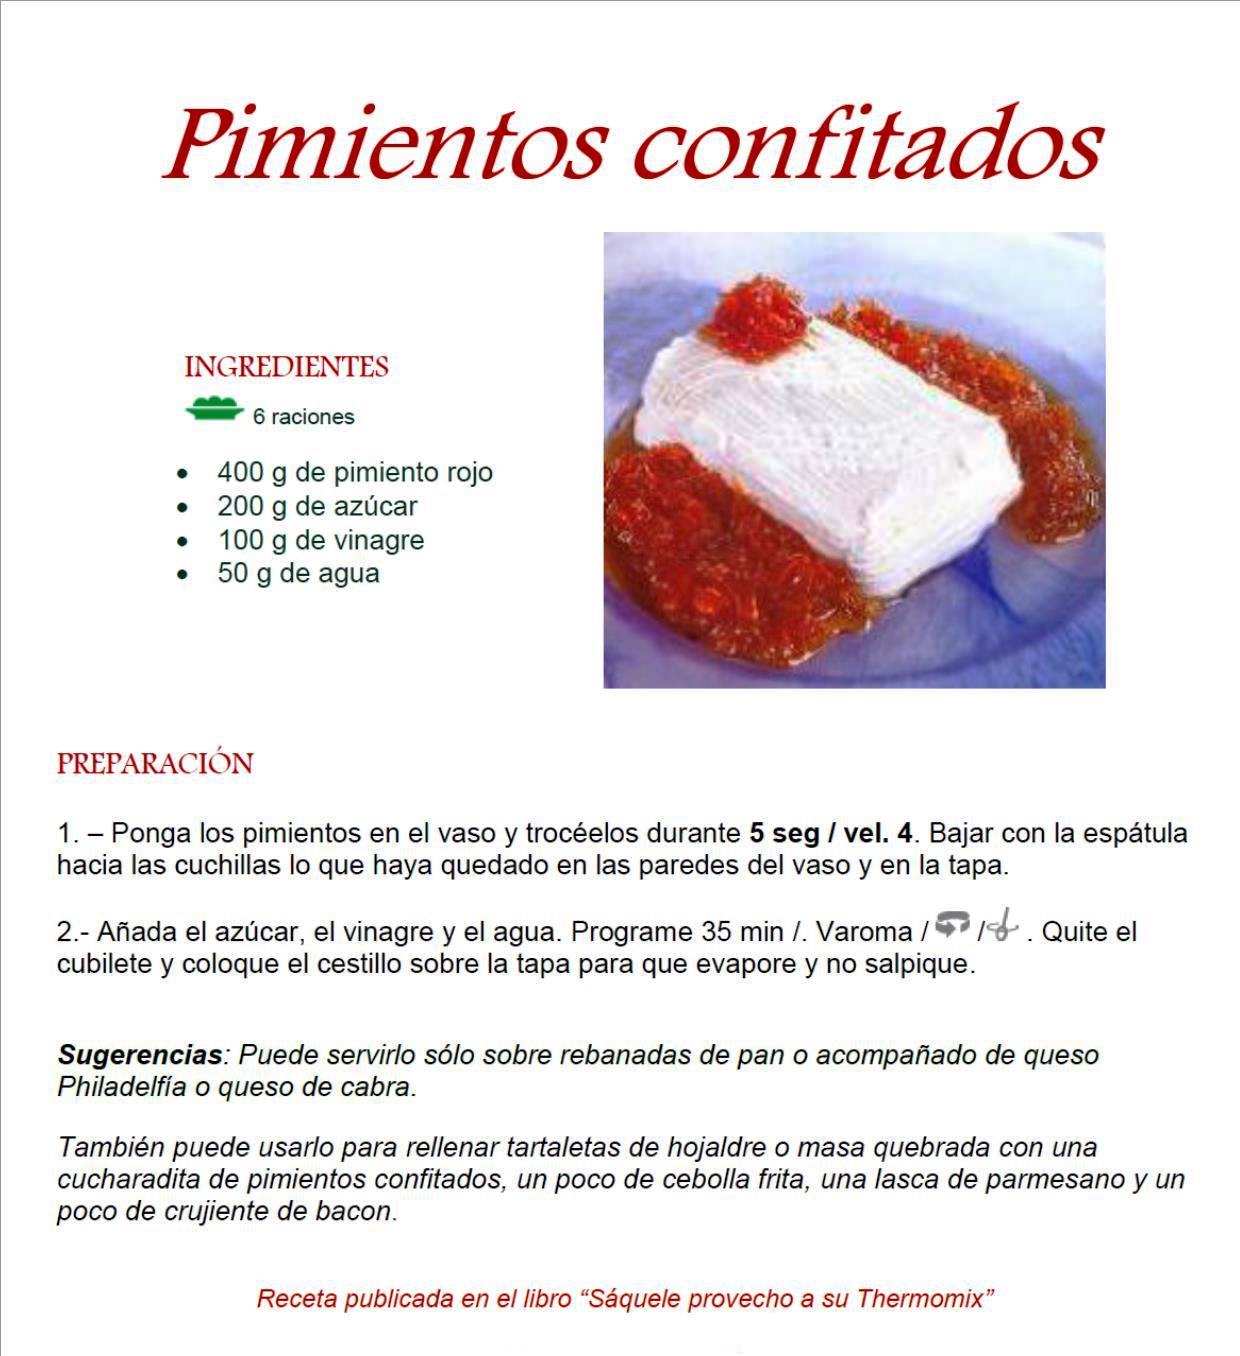 PIMIENTOS CONFITADOS EN MI NUEVA Thermomix® TM5